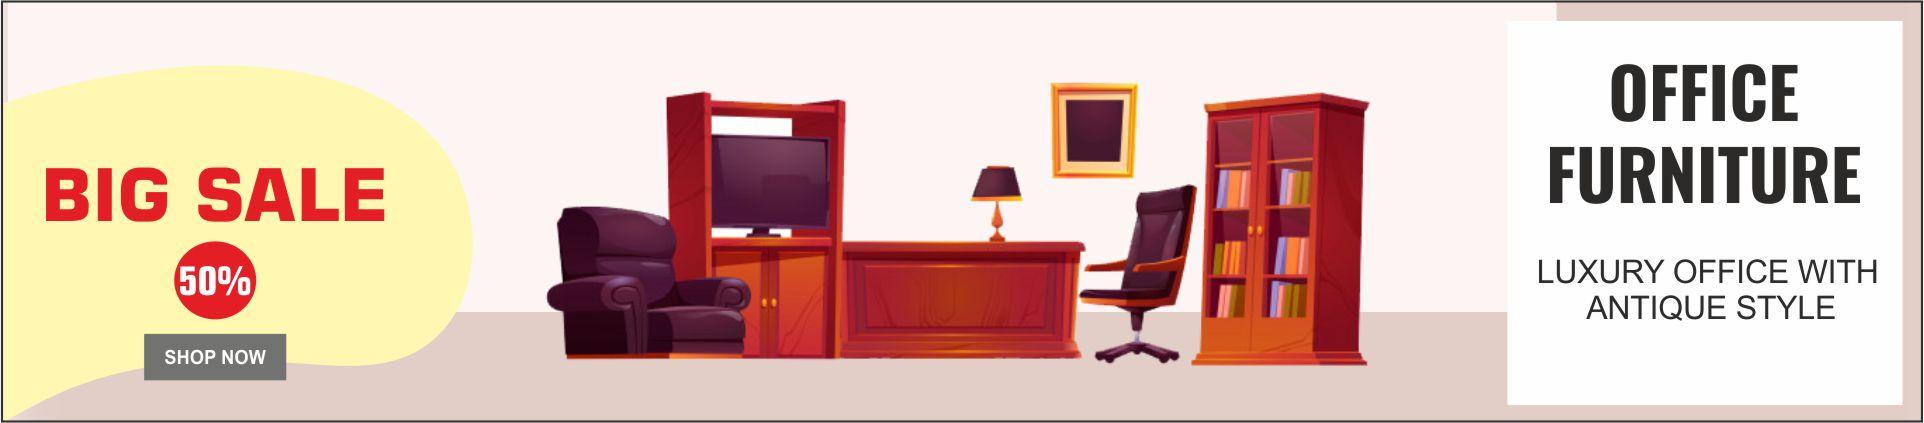 Office Furniture Inner Banner